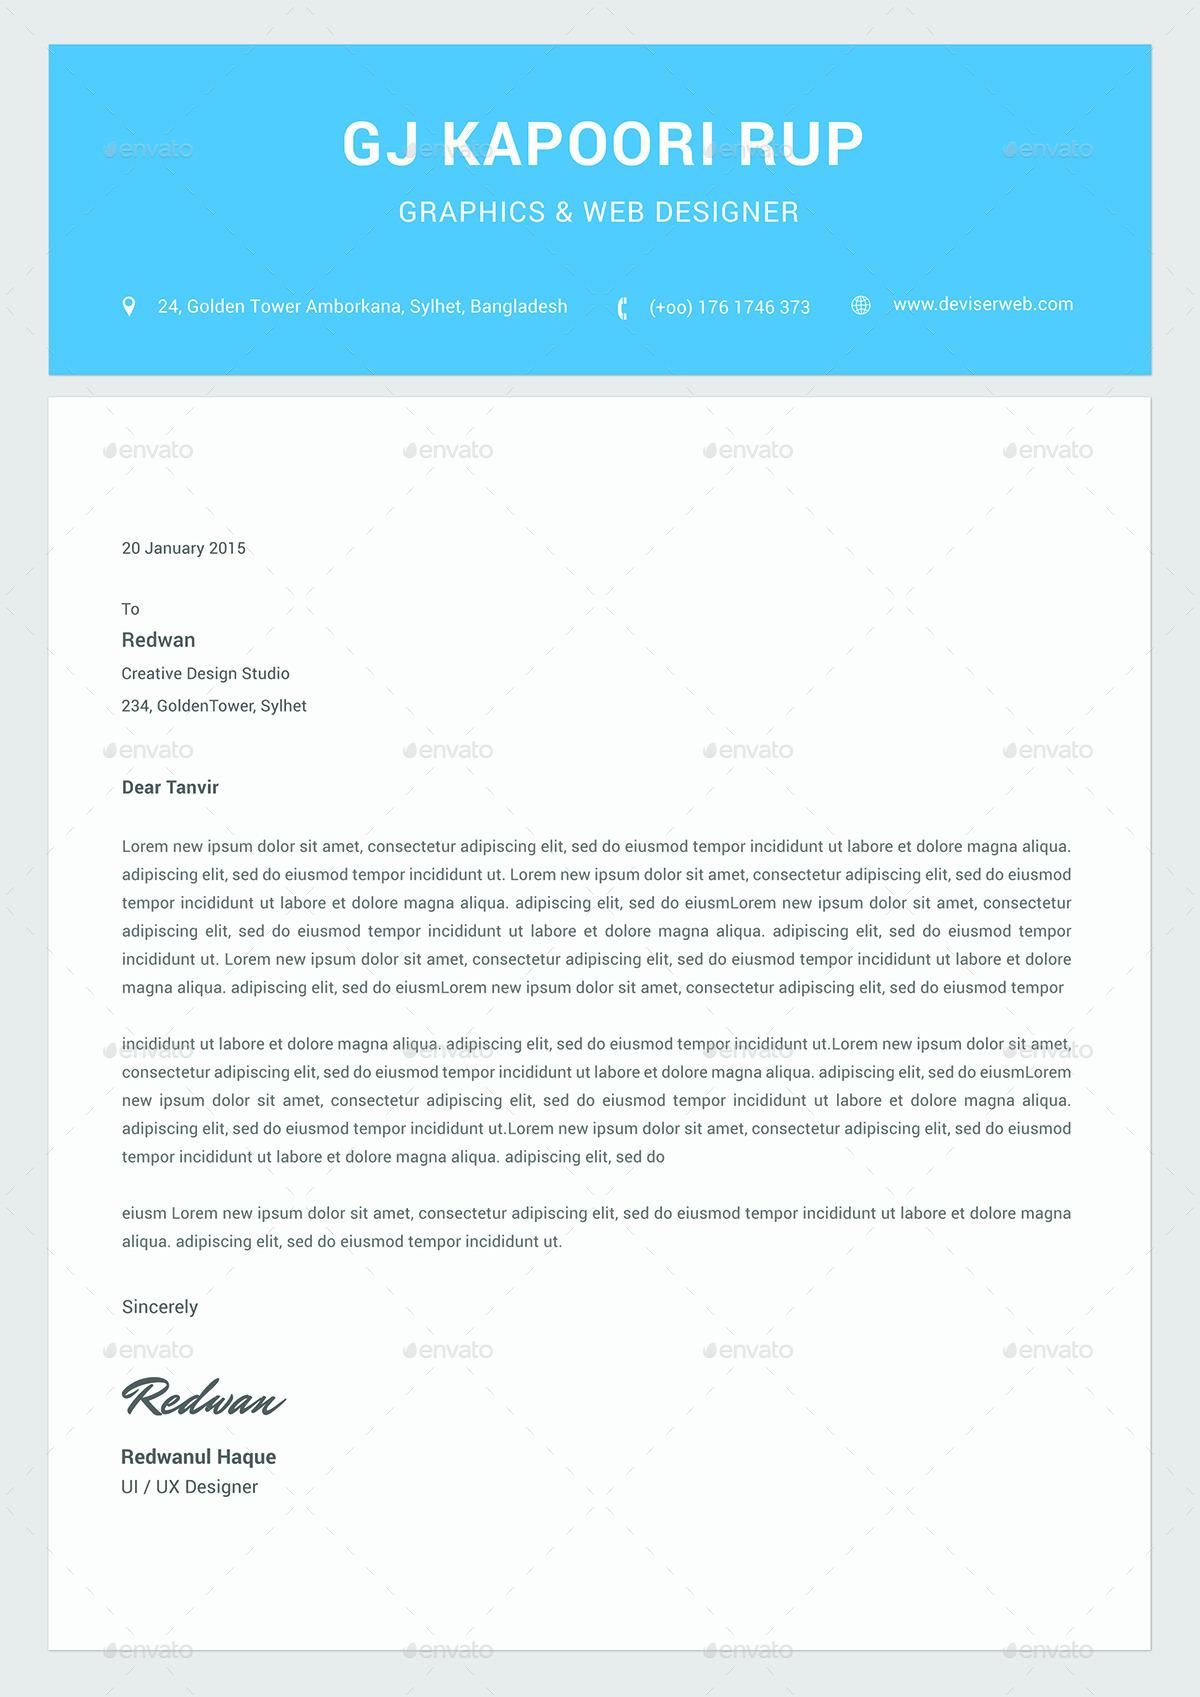 Cv resume or cover letter